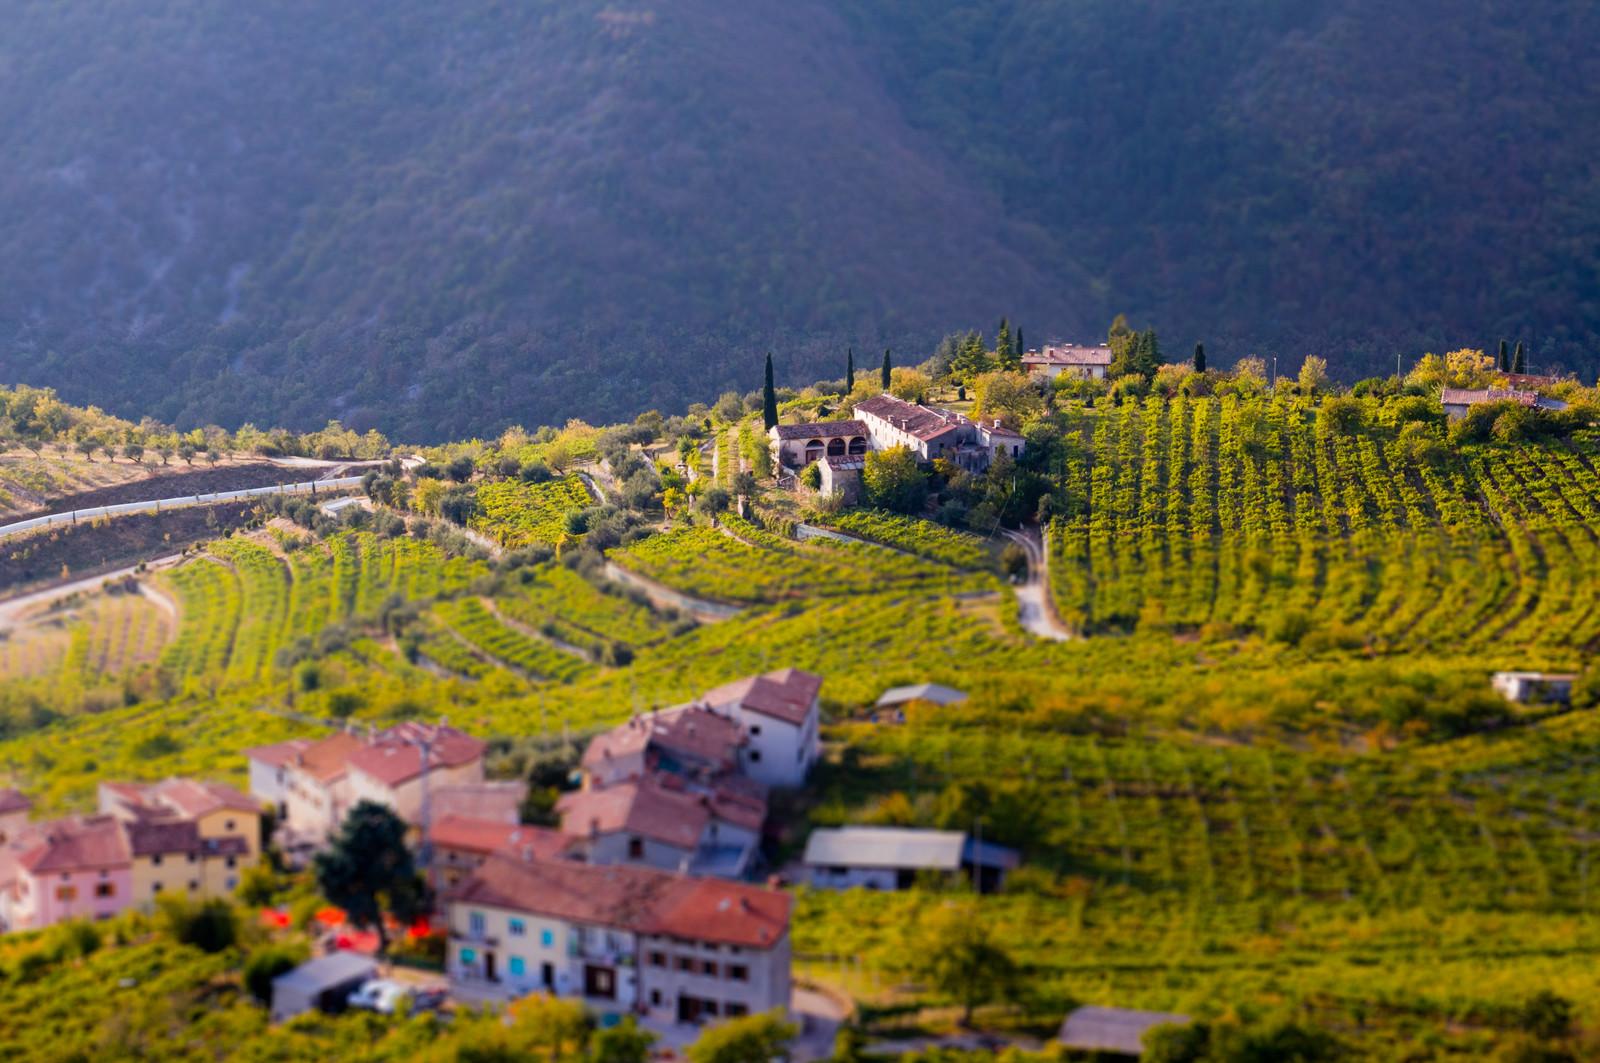 Tại sao rượu vang Amarone lại đắt đỏ?